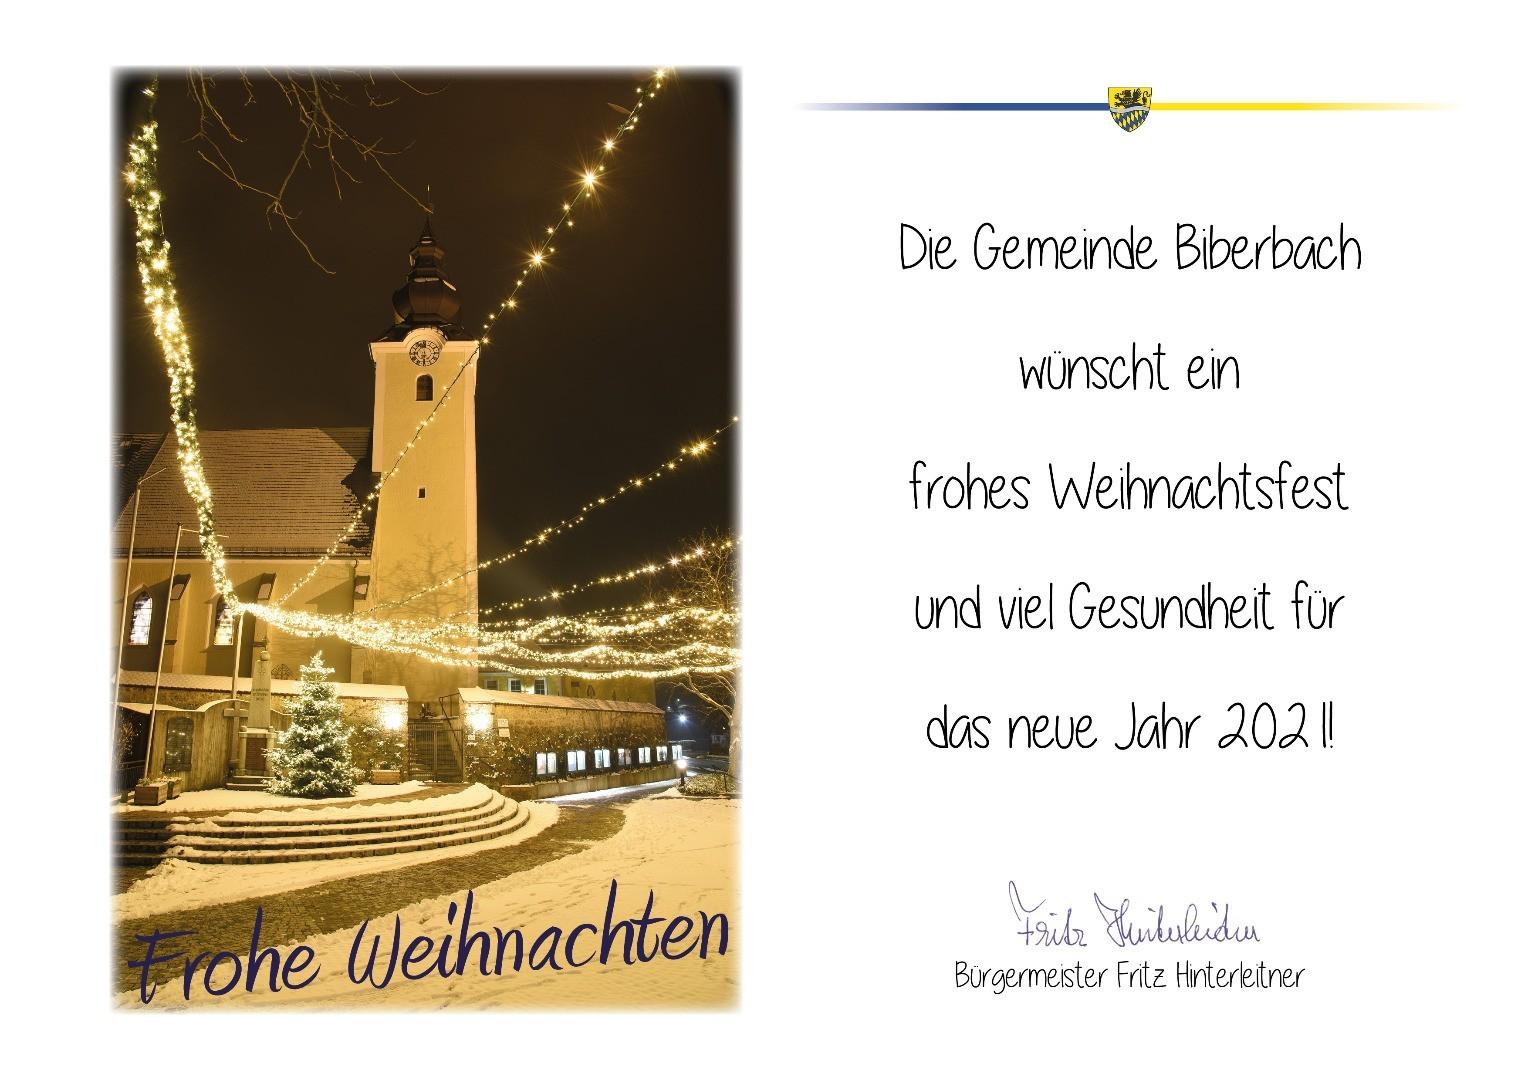 Weihnachtswünsche_2020.jpg